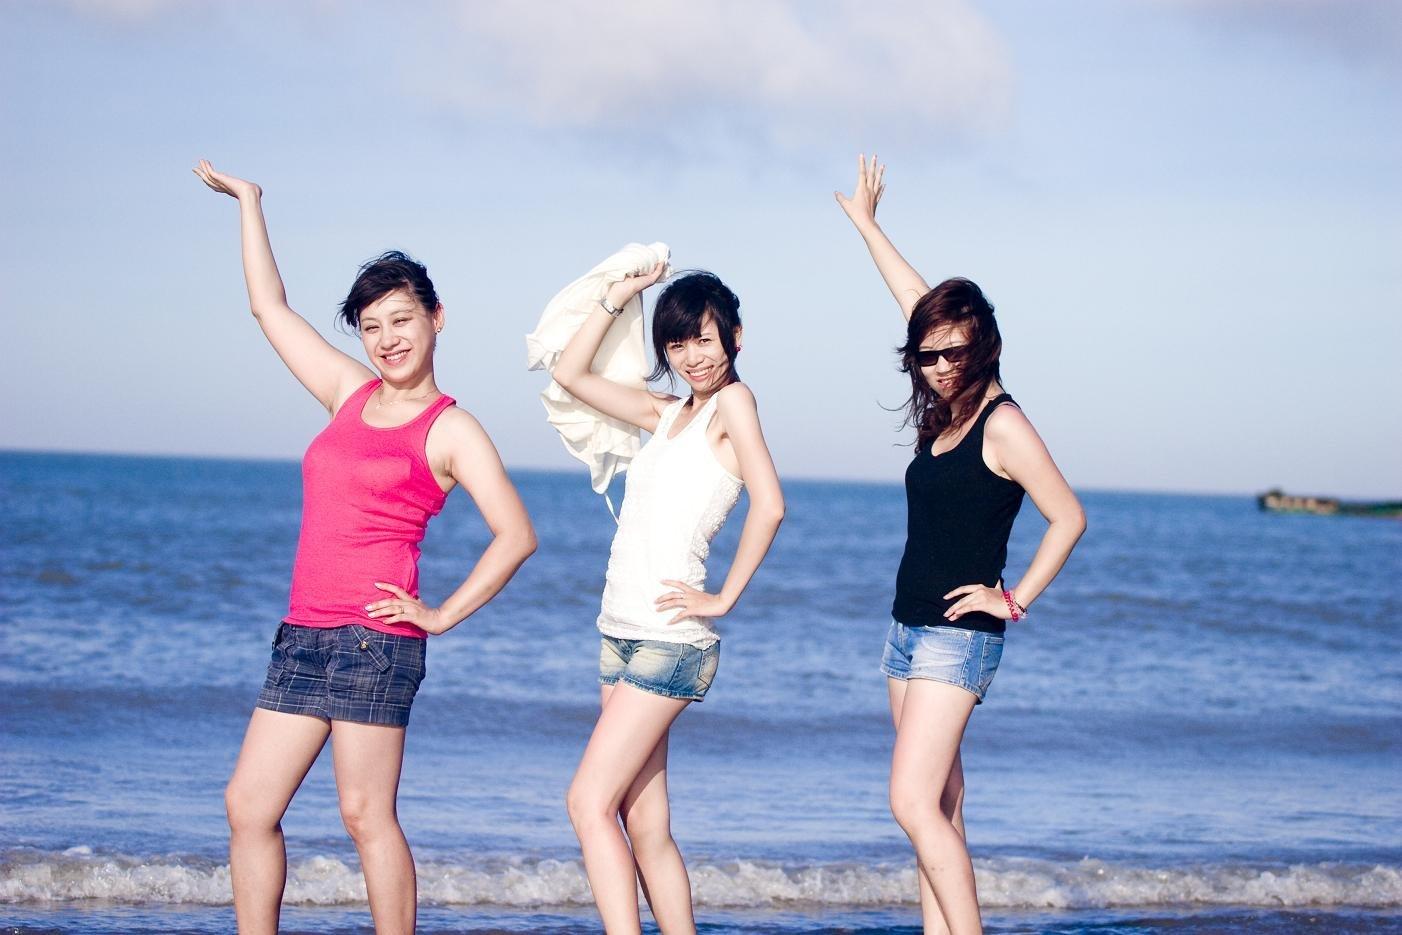 美丽的舟山桃花岛,有的说像青春偶像剧,韩剧?更新大片